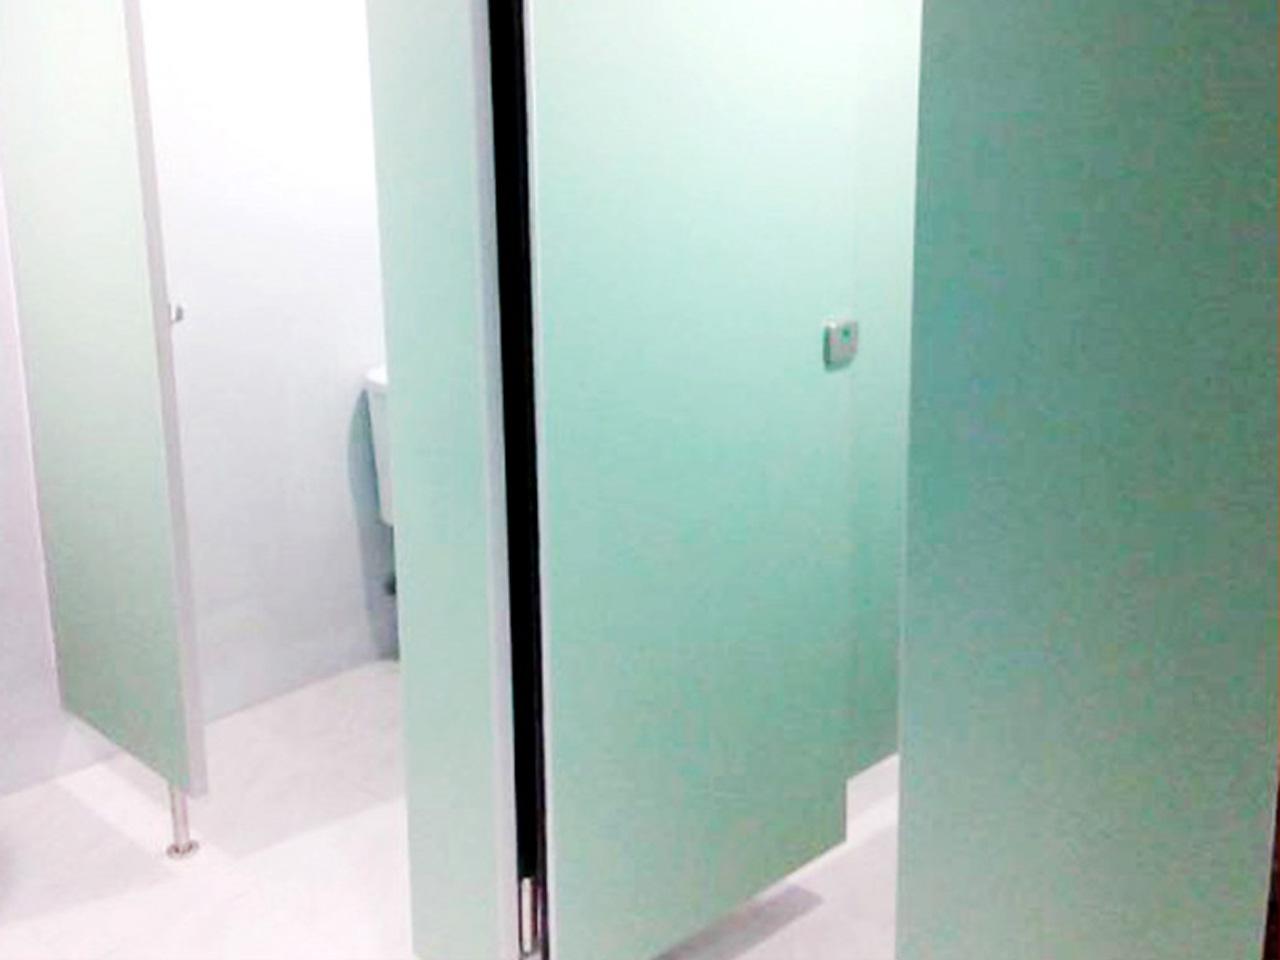 ผนังกั้นห้องน้ำ นครราชสีมา